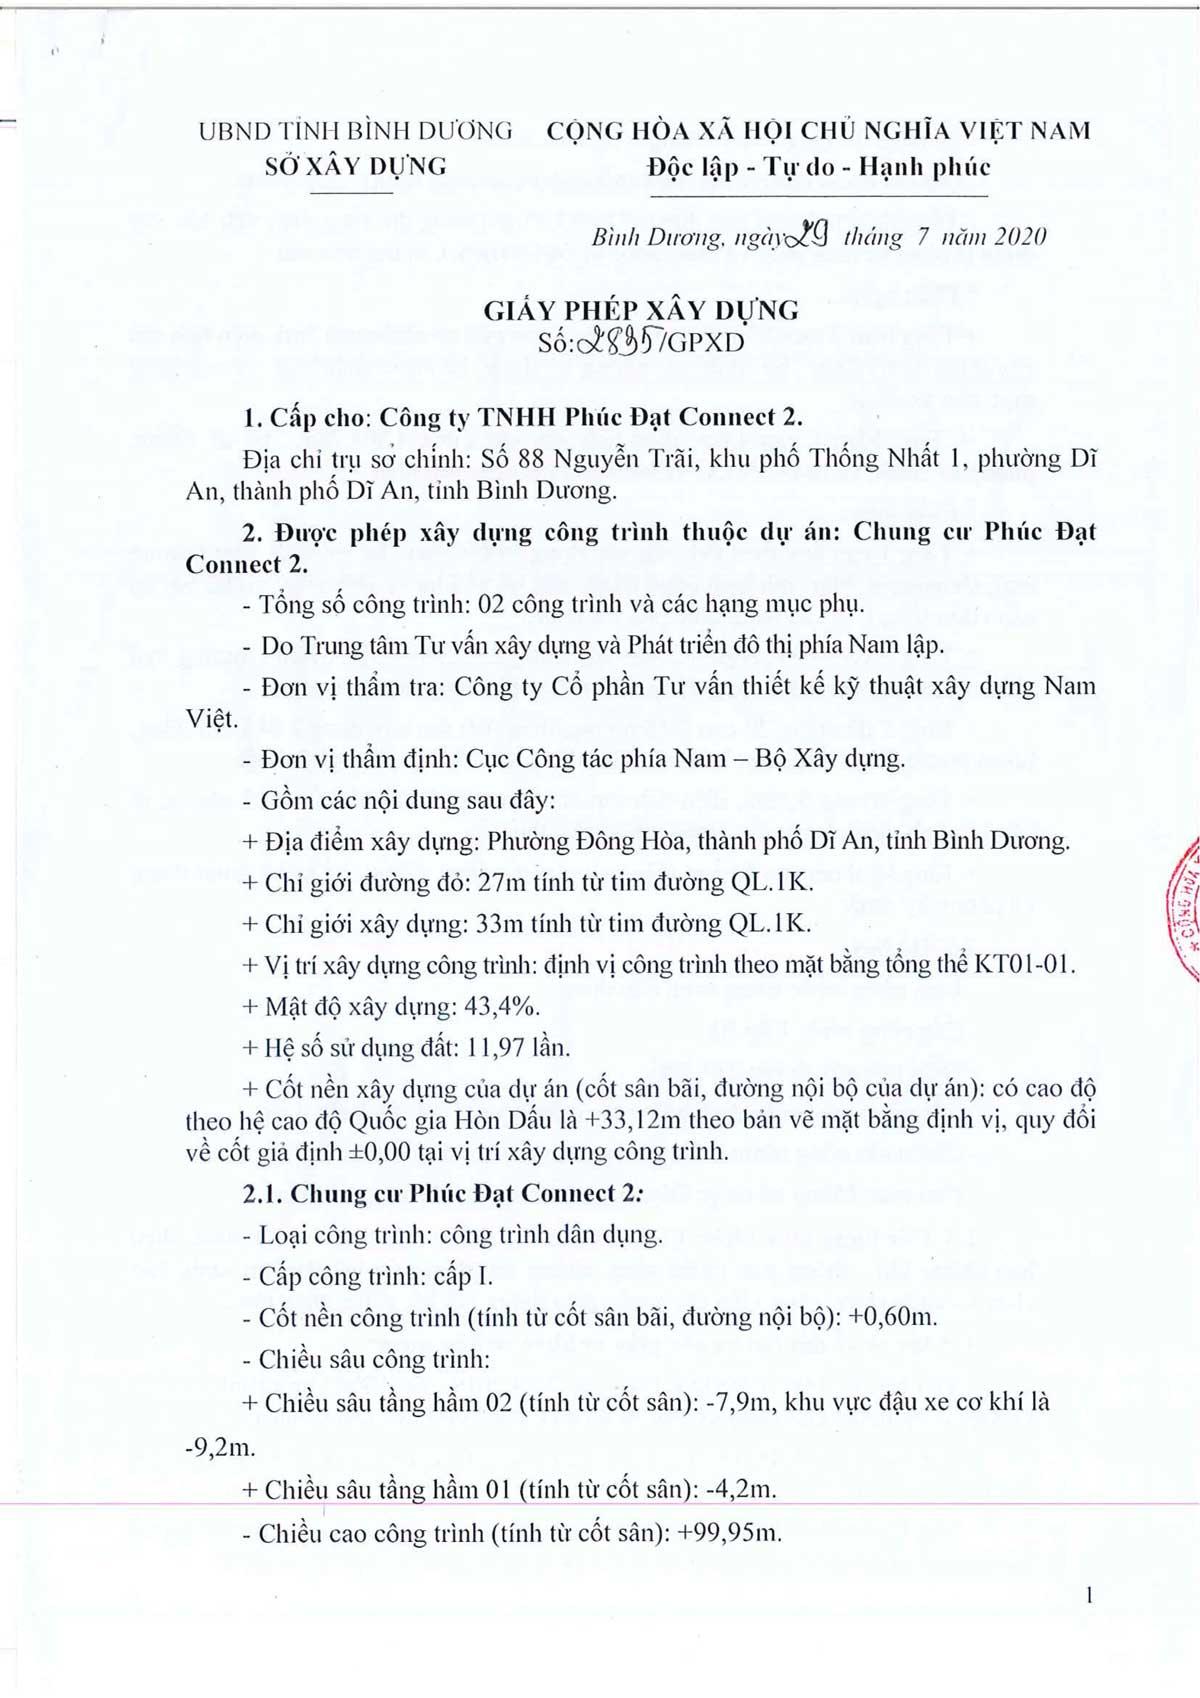 Pháp lý dự án căn hộ chung cư Phúc Đạt Tower Đông Hòa Dĩ An Bình Dương